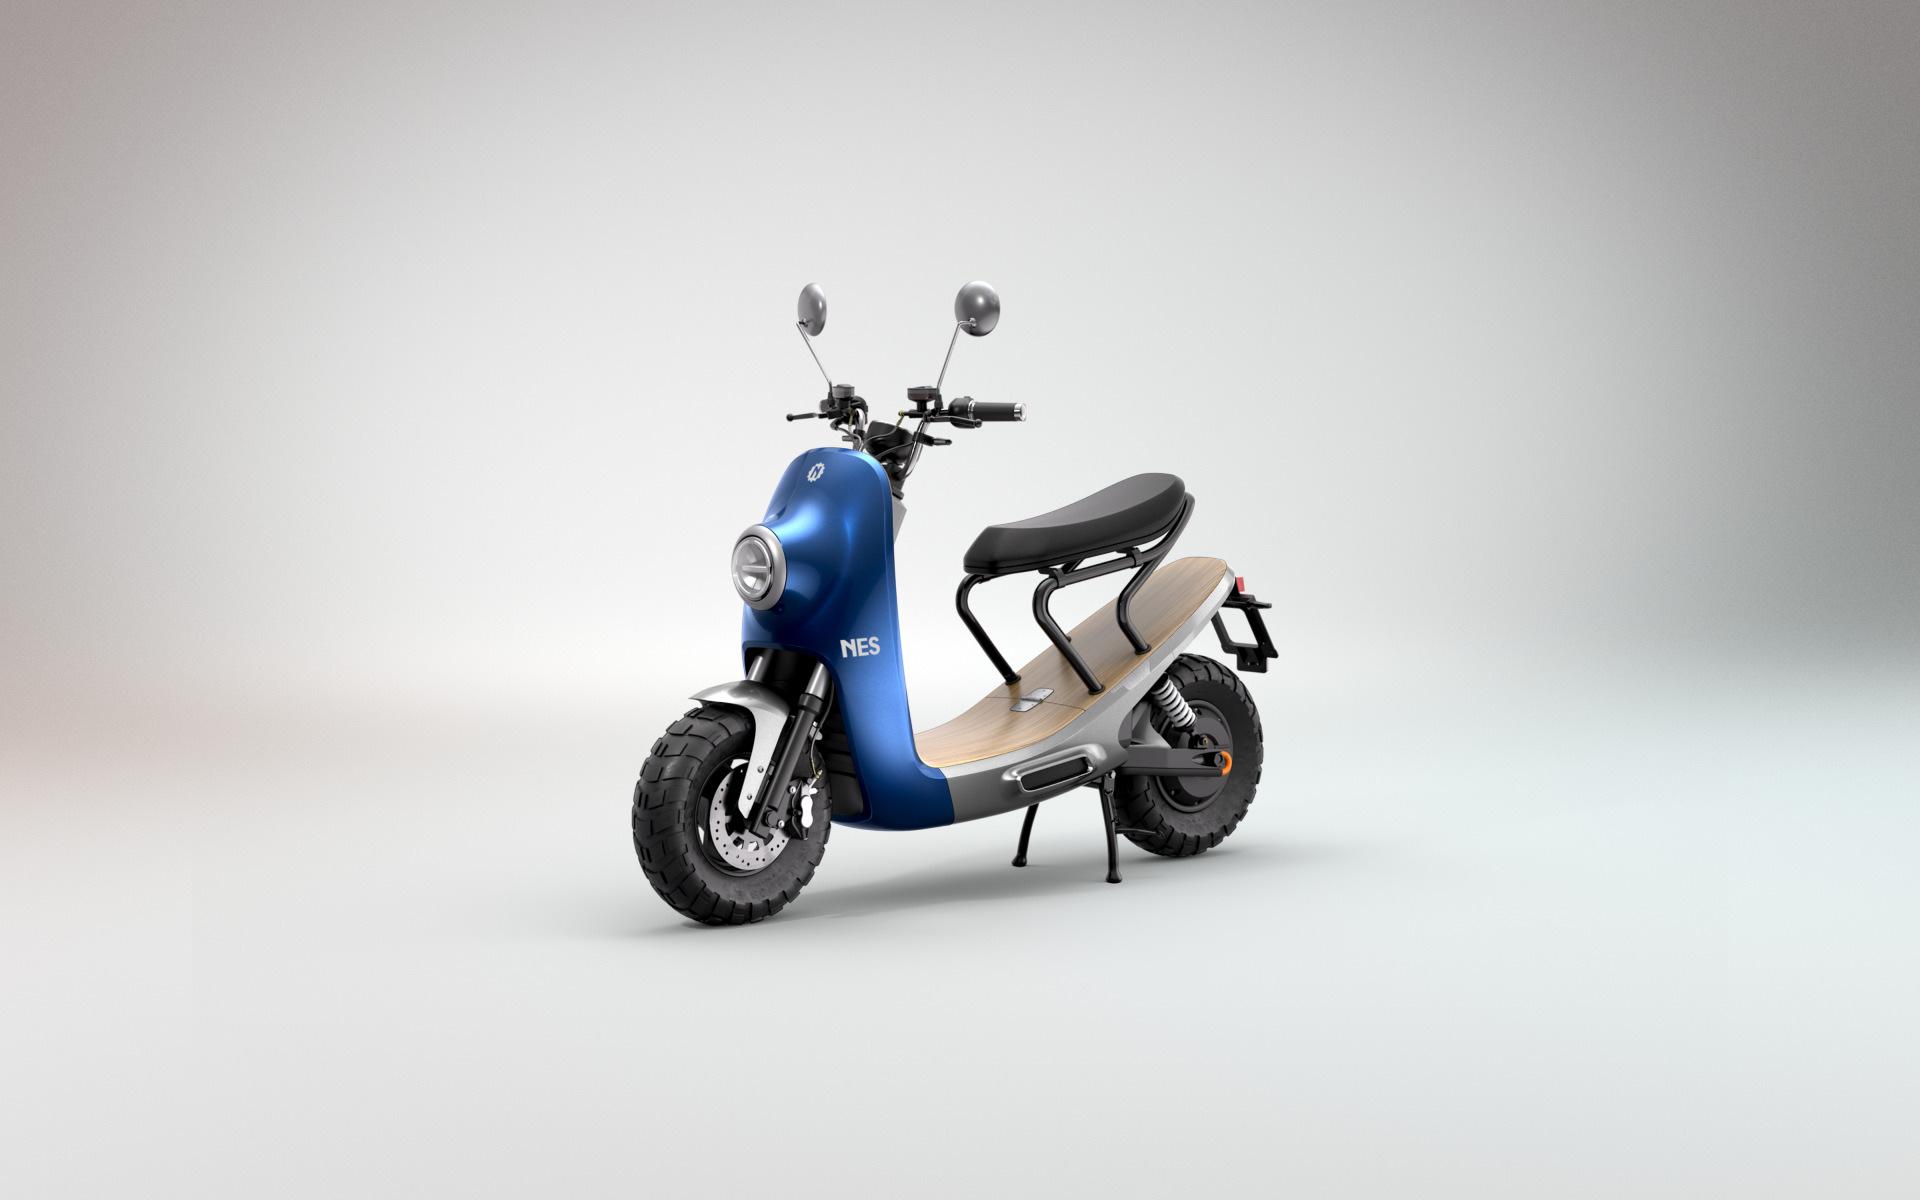 NITO NES 10 test drive: lo scooter elettrico che coniuga stile e comodità thumbnail